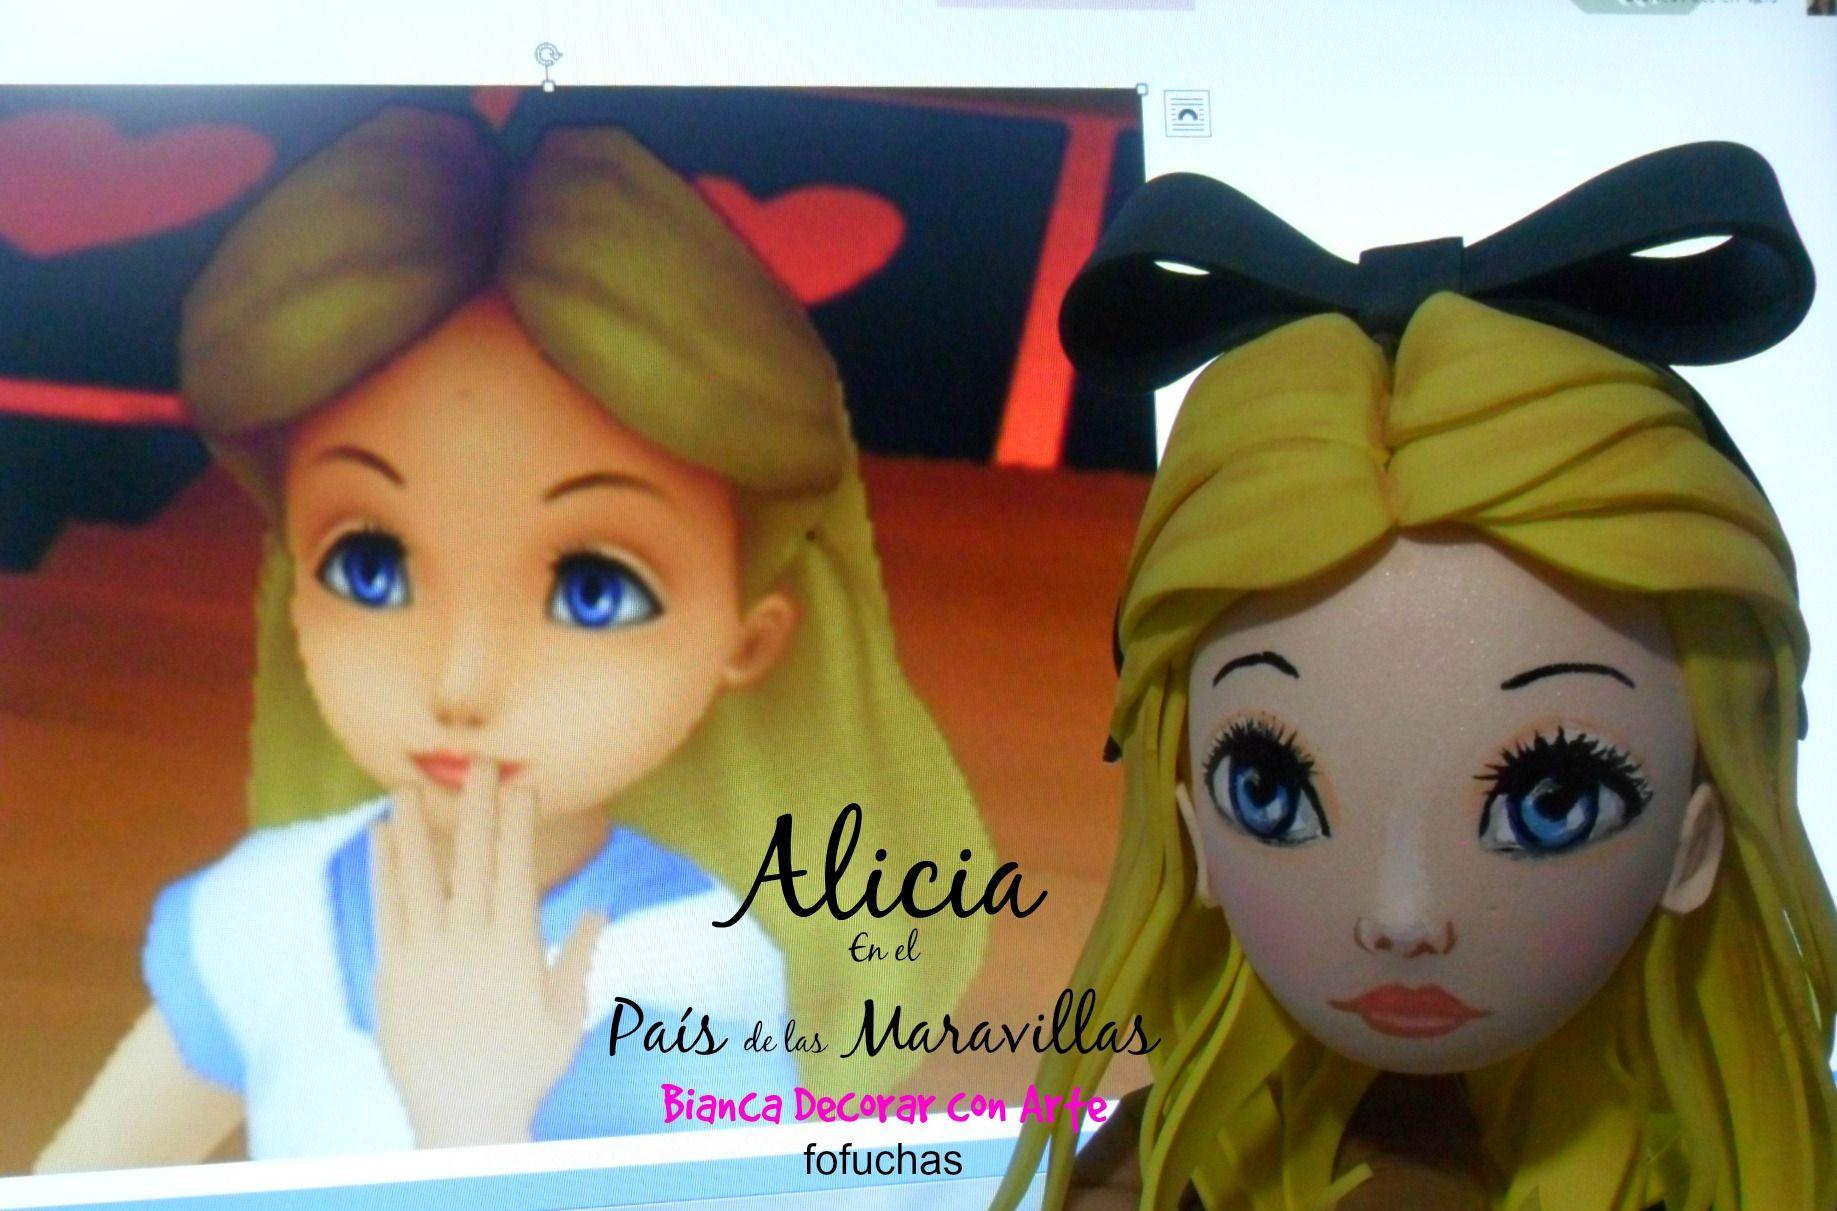 Alicia en el País de las Maravillas en versión Fofucha!!!